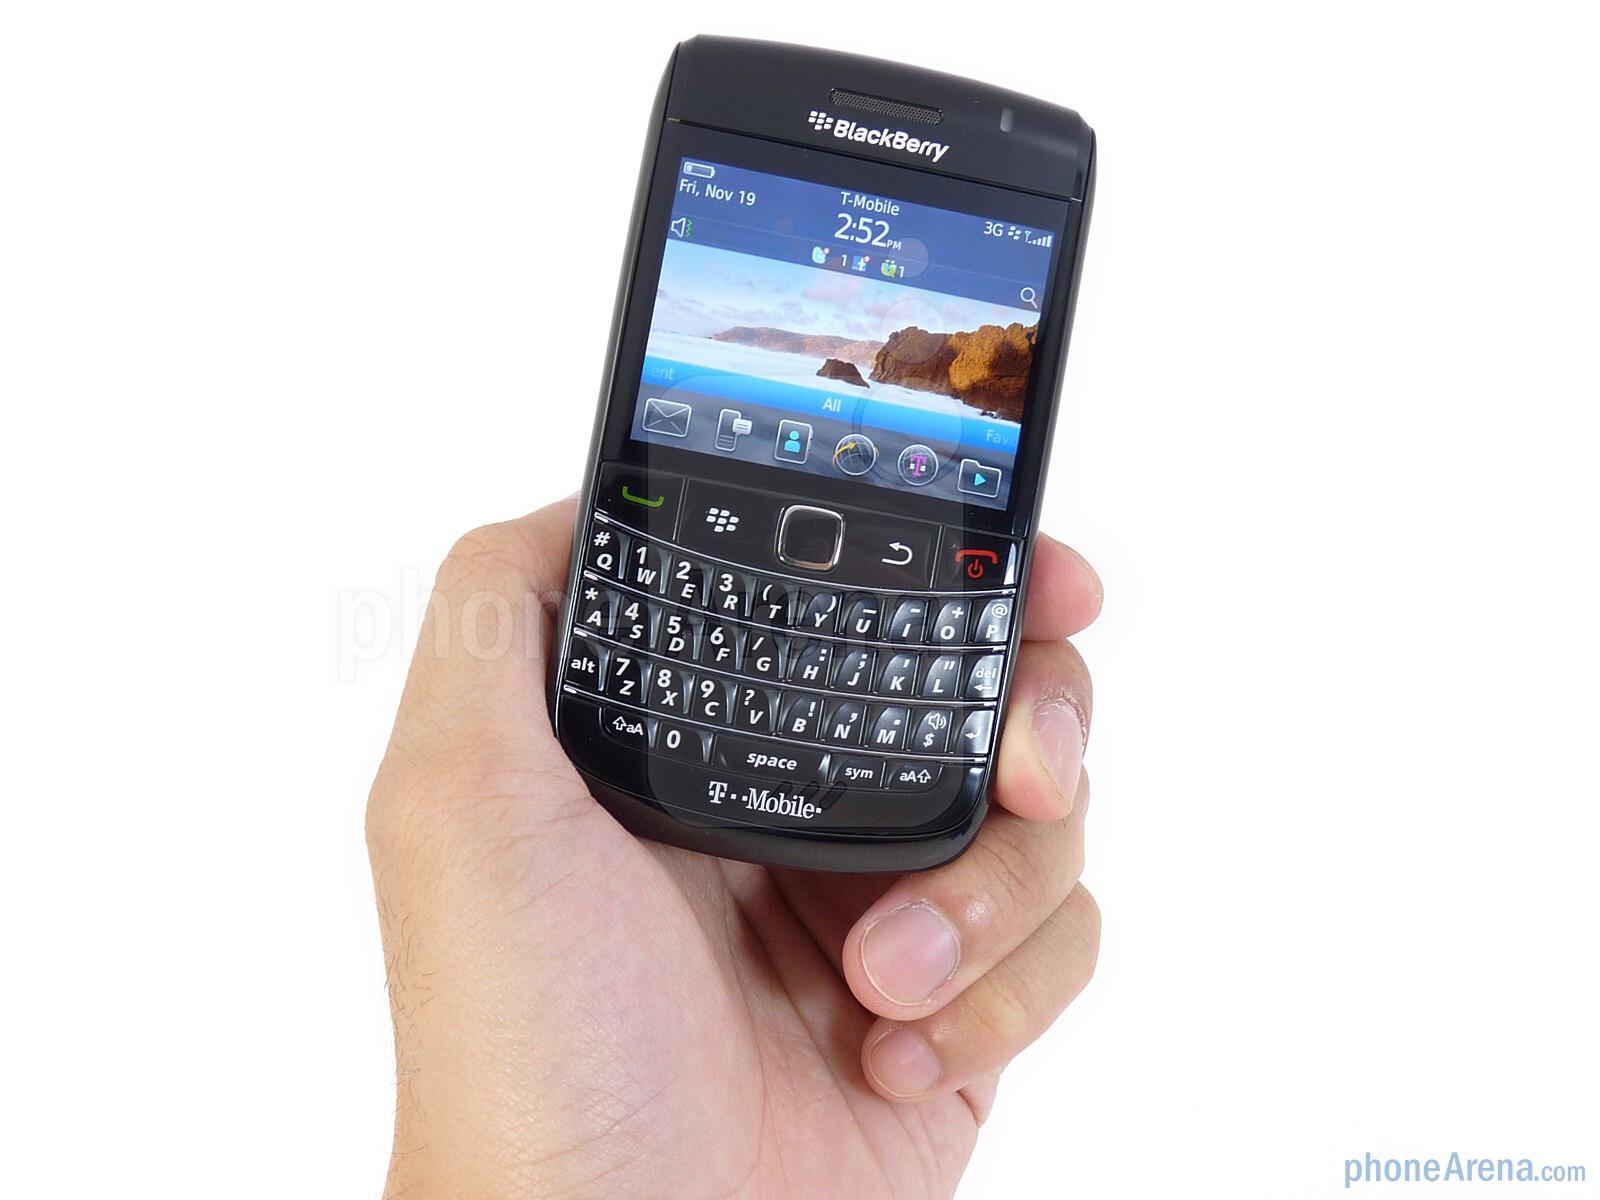 rim blackberry bold 9780 review rh phonearena com blackberry bold 9780 manual english blackberry bold 9780 user guide